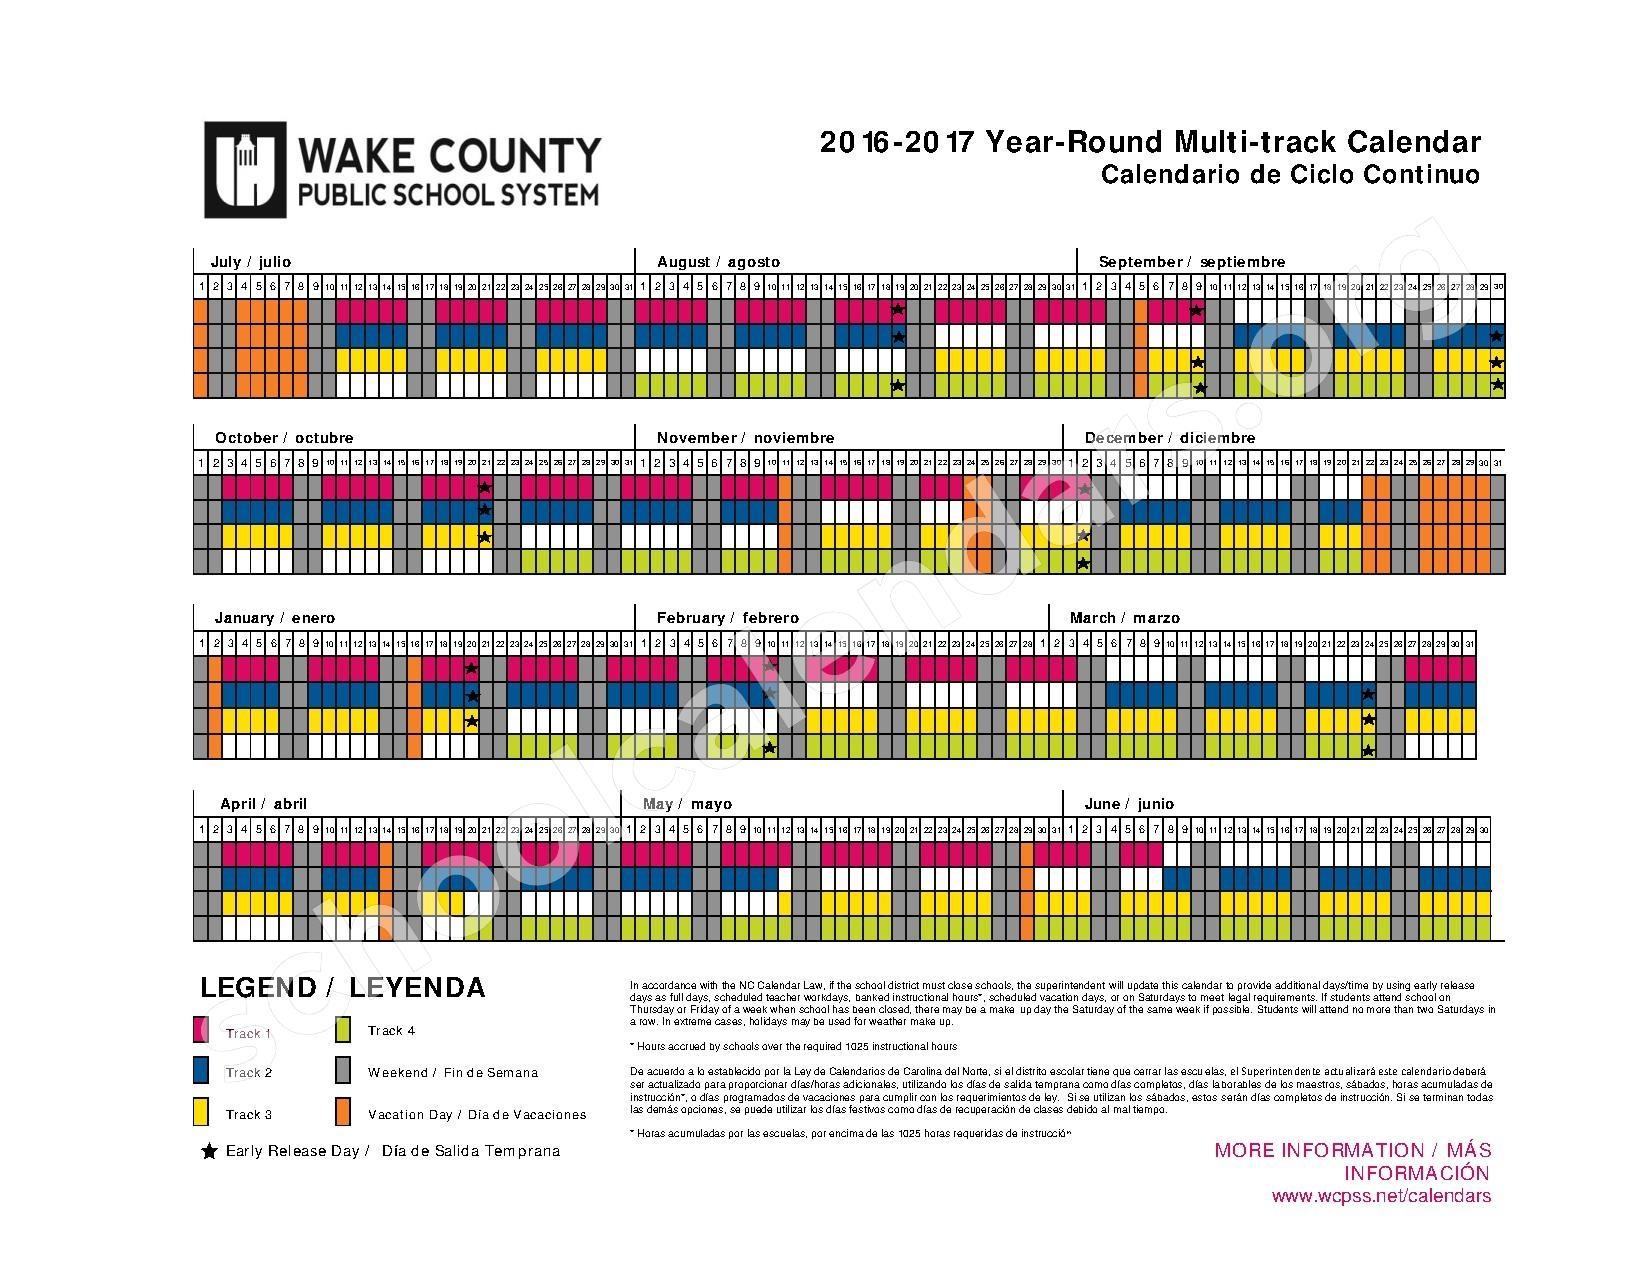 2016 2017 Year Round Calendar Wake County Public School System